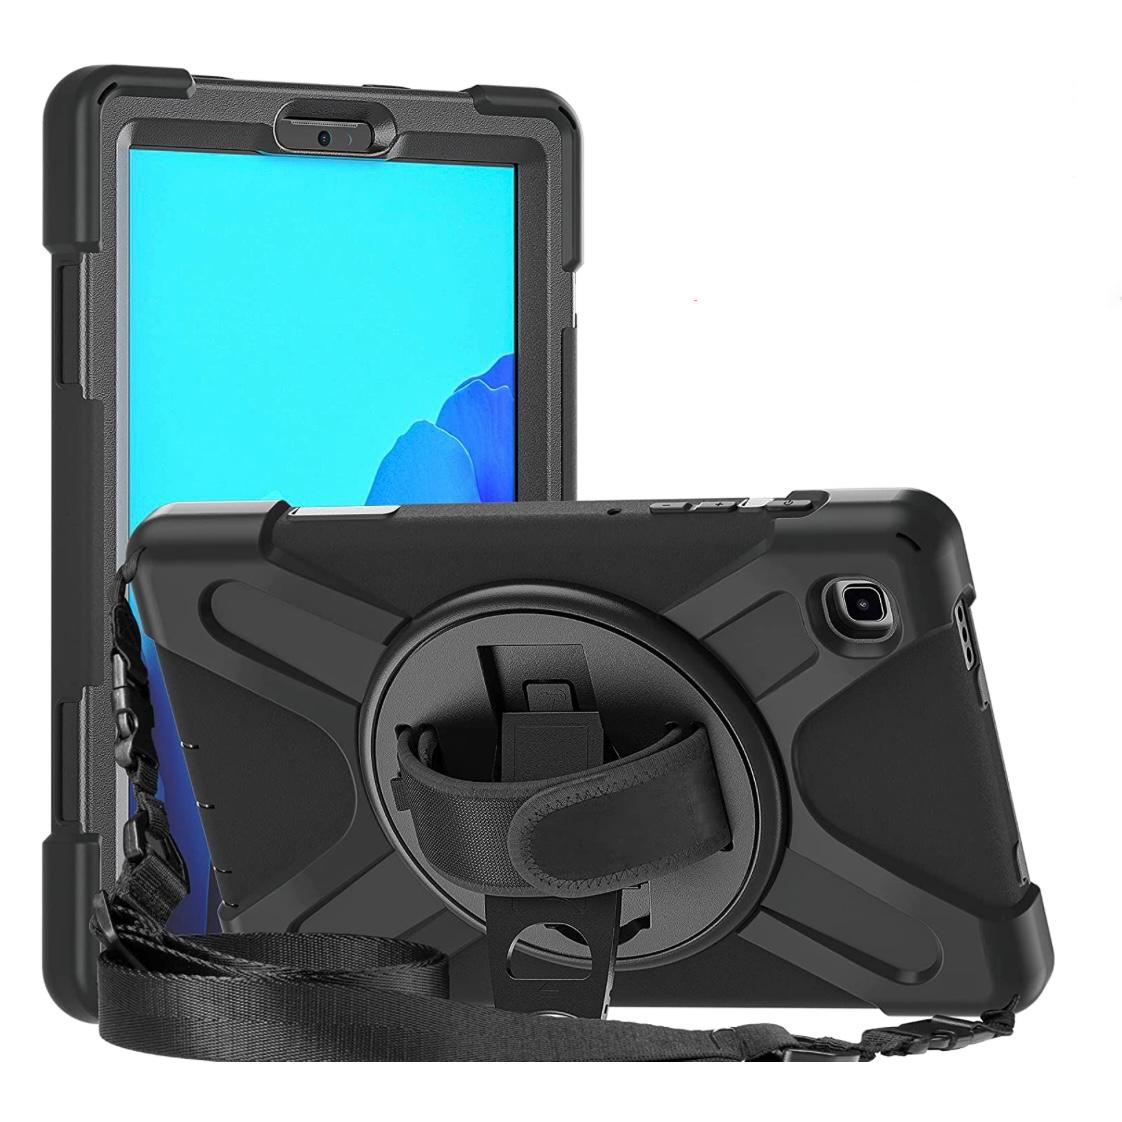 REF 2554 Coque Vancouver Sangle main et bandouliere Galaxy TAB A7 LITE 8.7 pouces SM T220